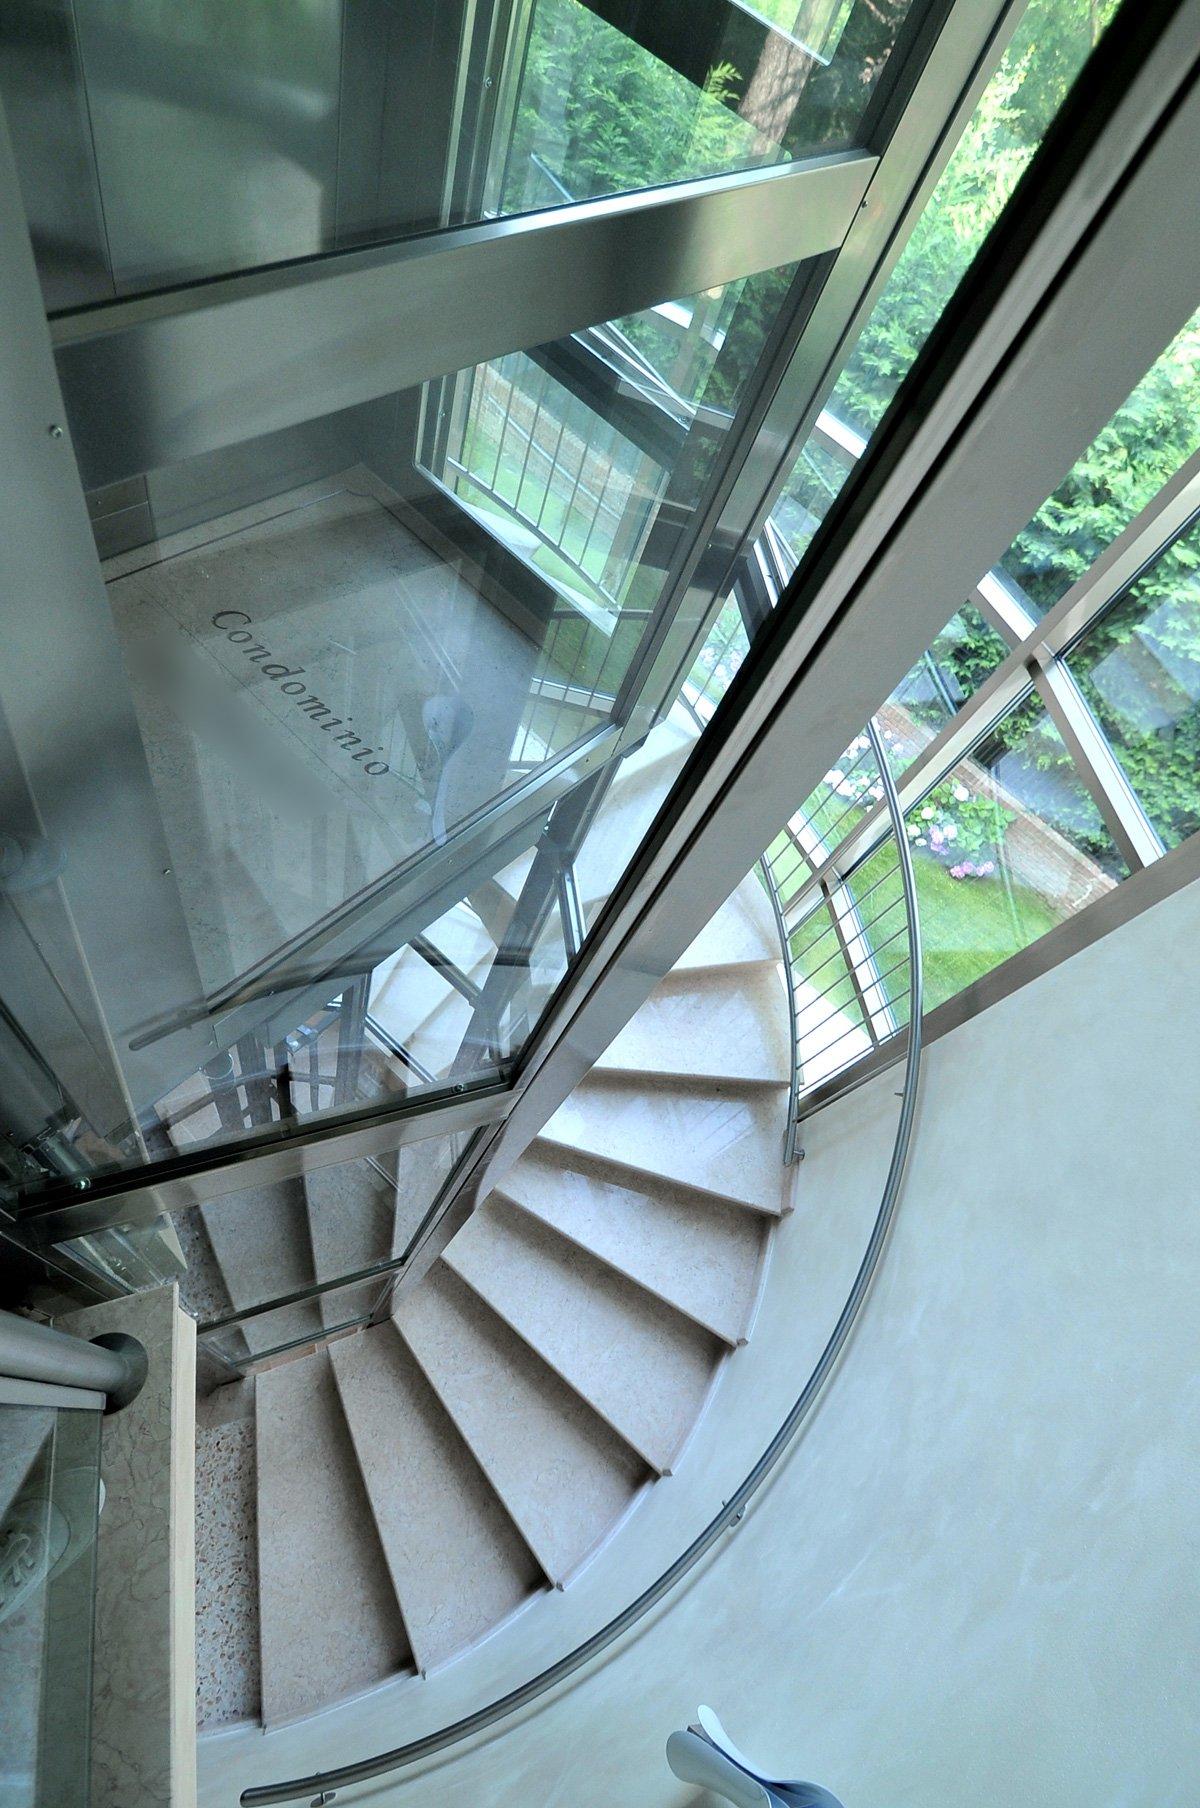 Installazione ascensore panoramico a venezia - Ascensori da casa prezzi ...